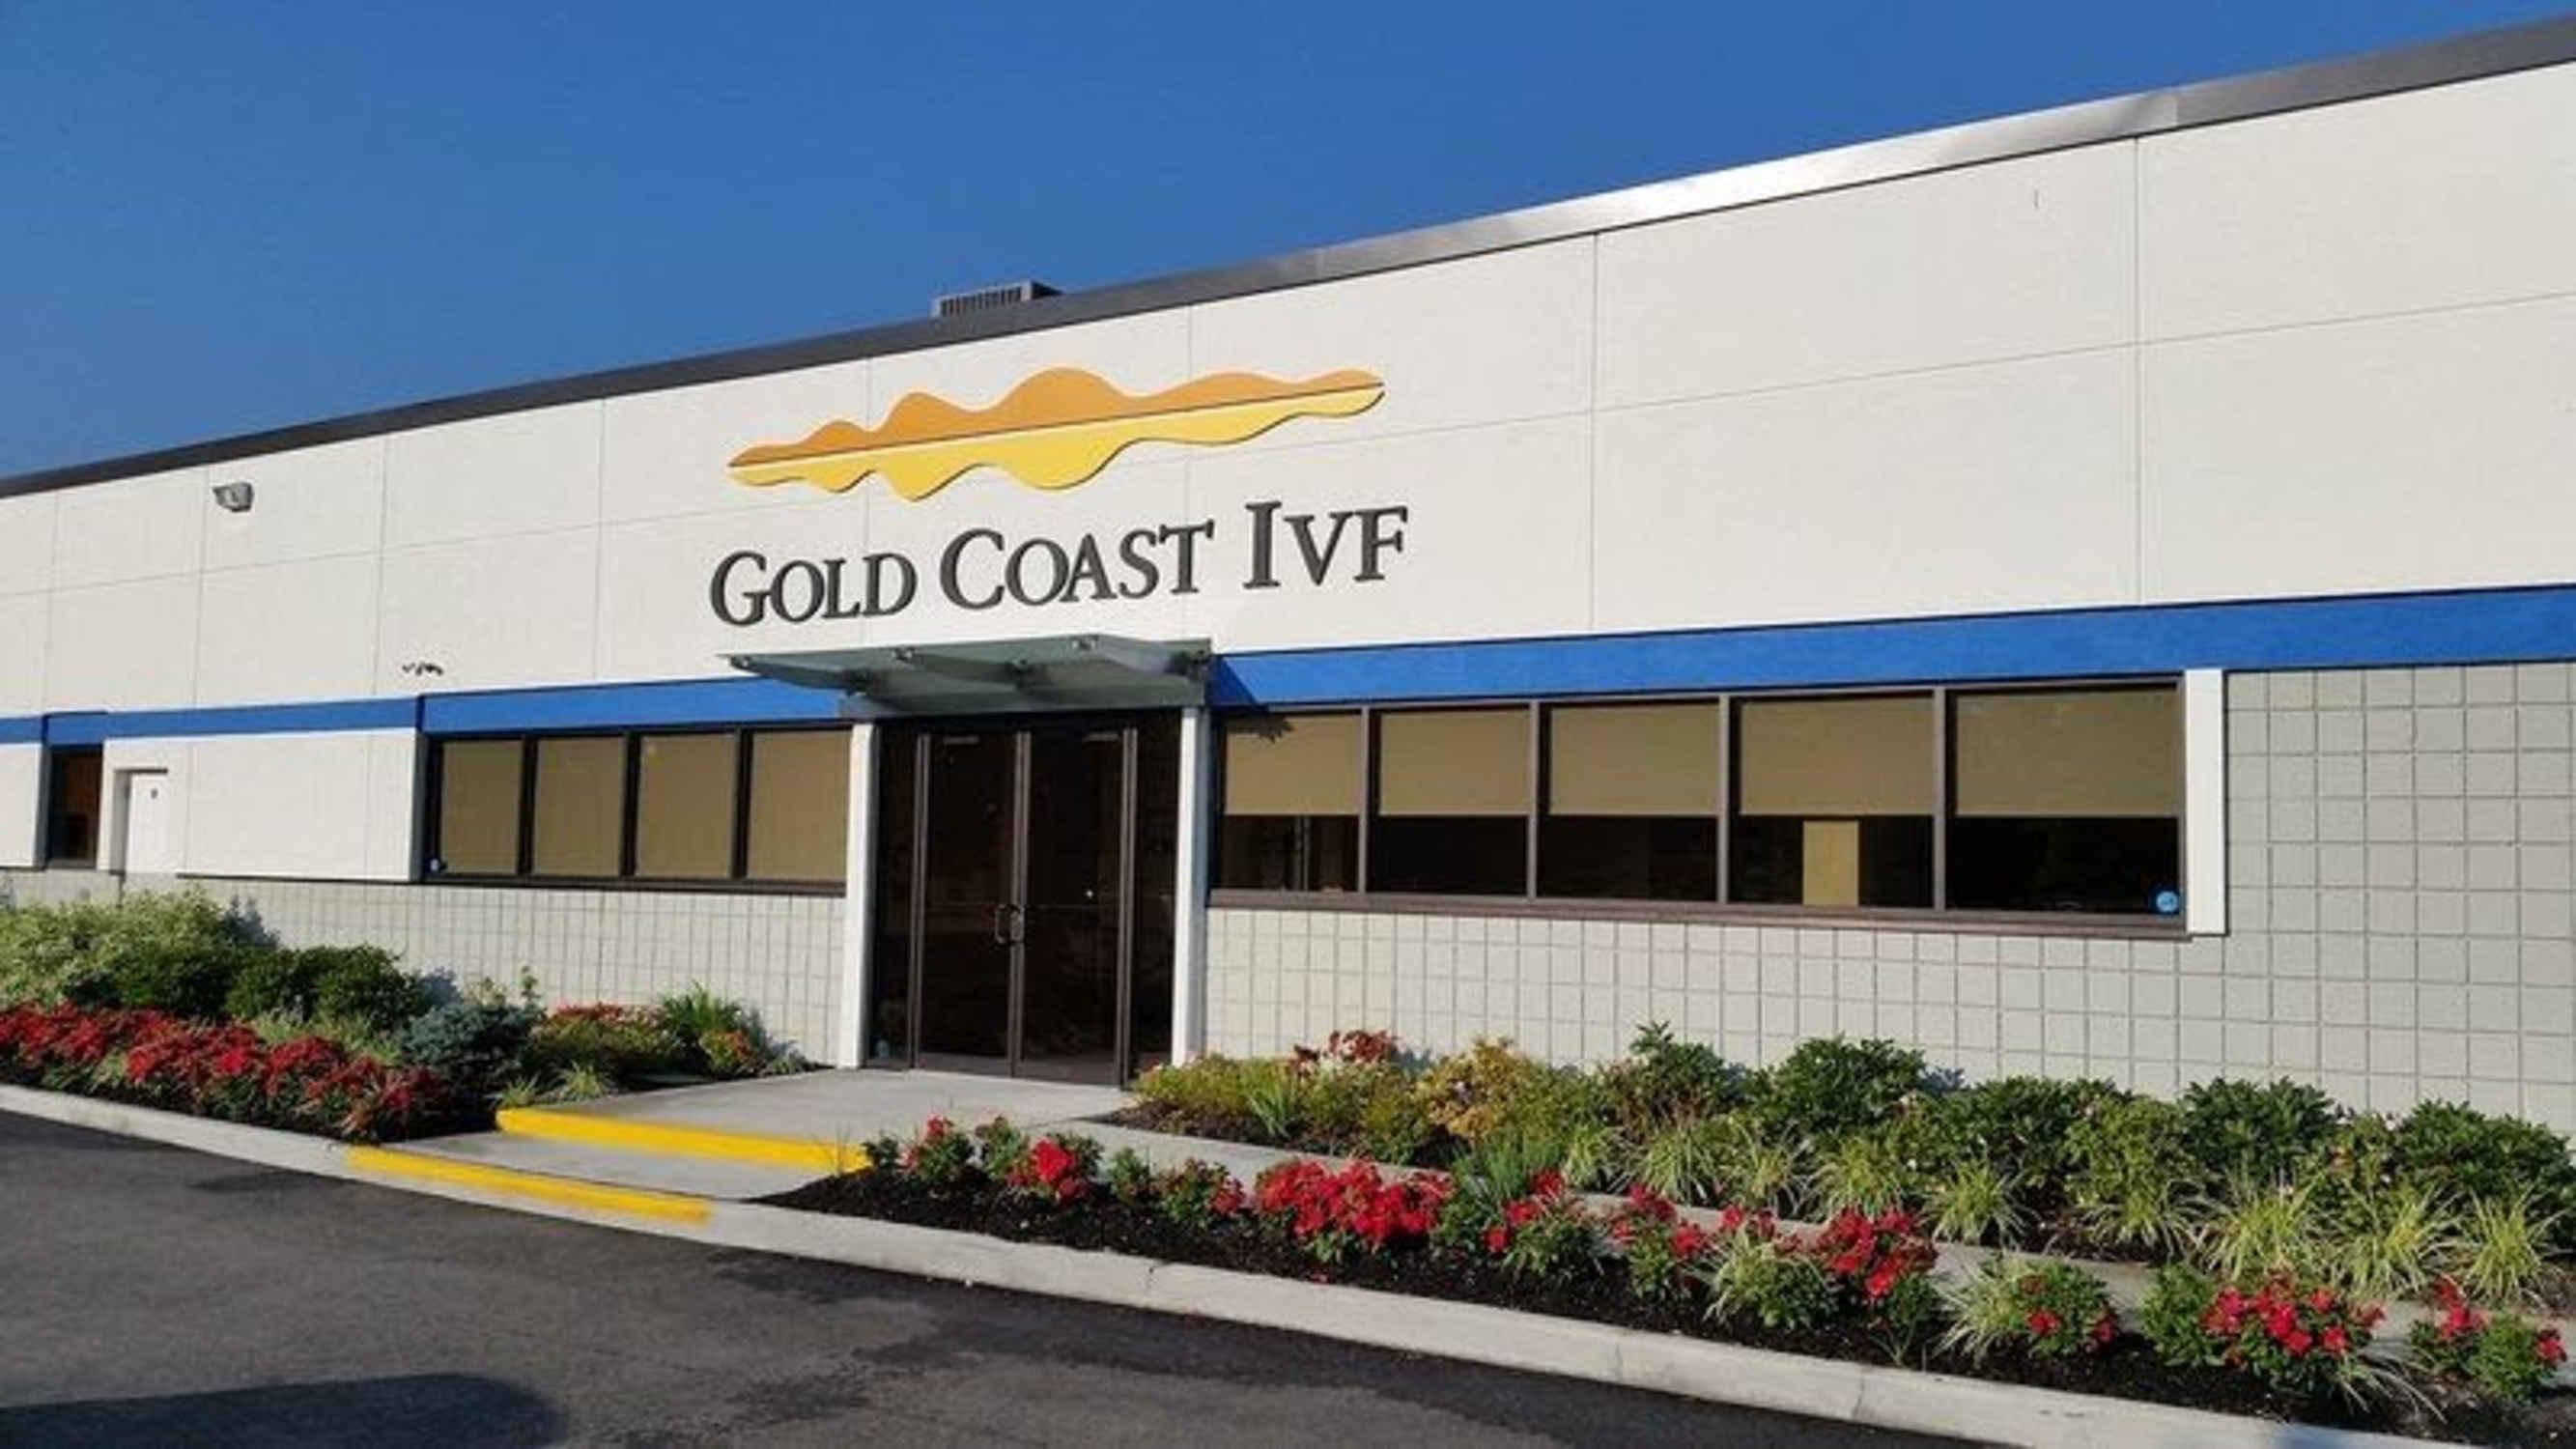 822762edd4c1d Gold Coast IVF - Woodbury | GCR Accredited